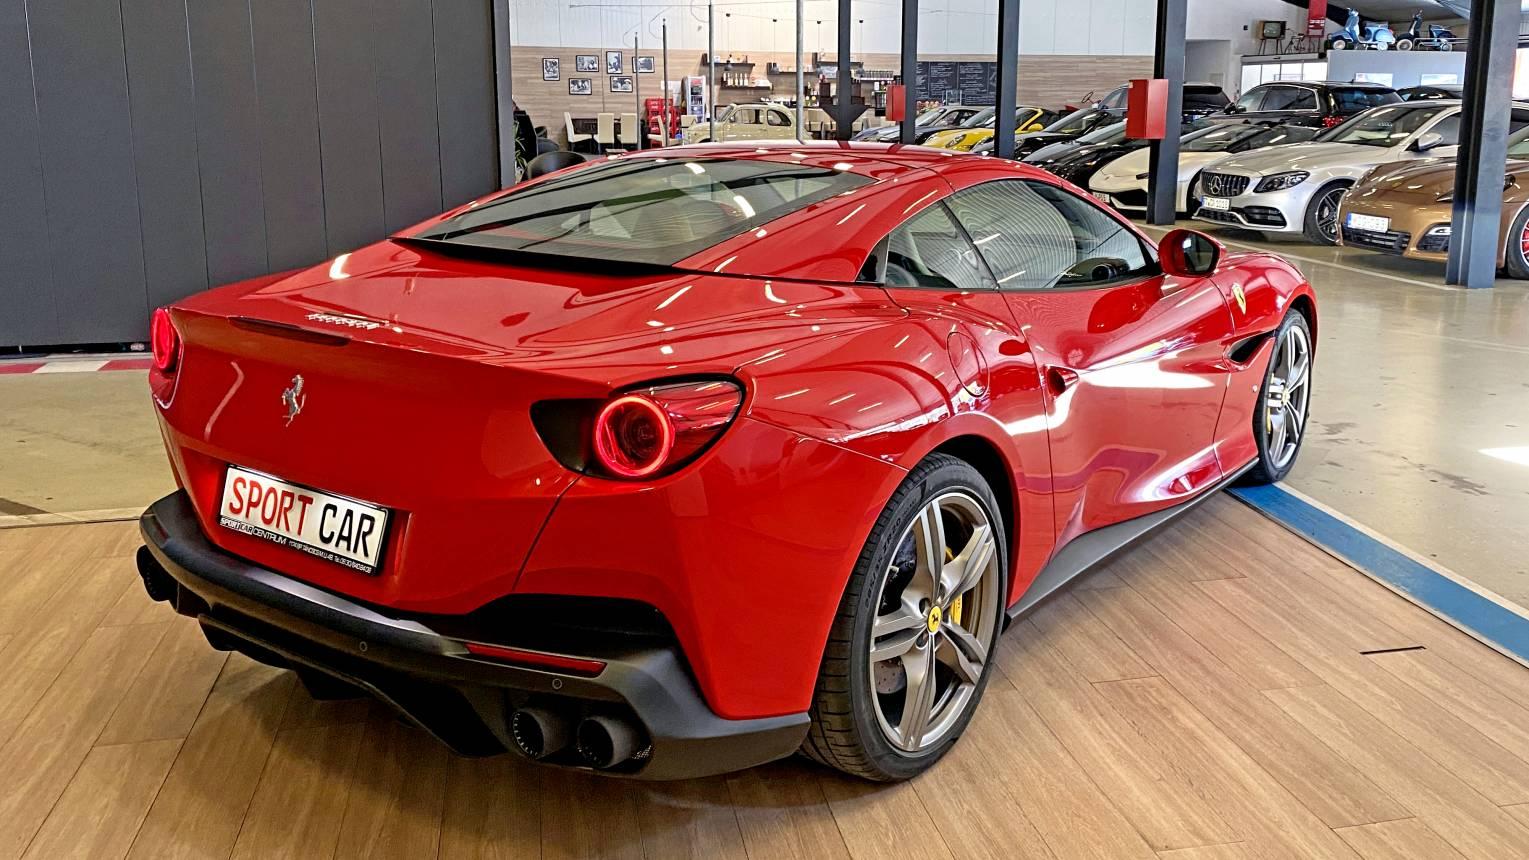 Ferrari Portofino kölcsönzés